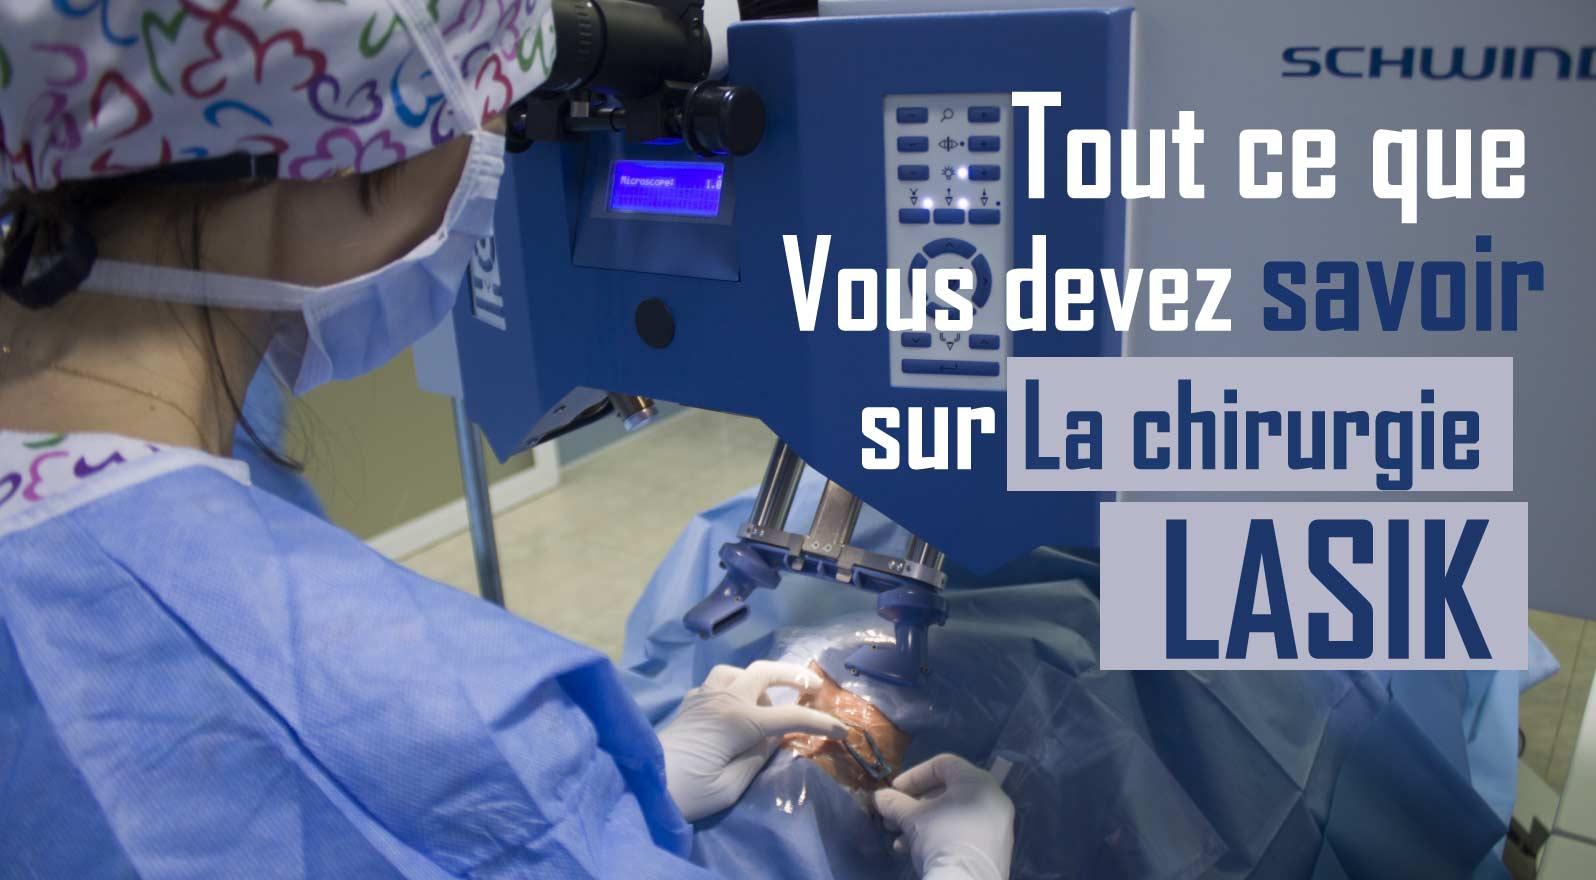 Tout ce que vous devez savoir sur la chirurgie Lasik